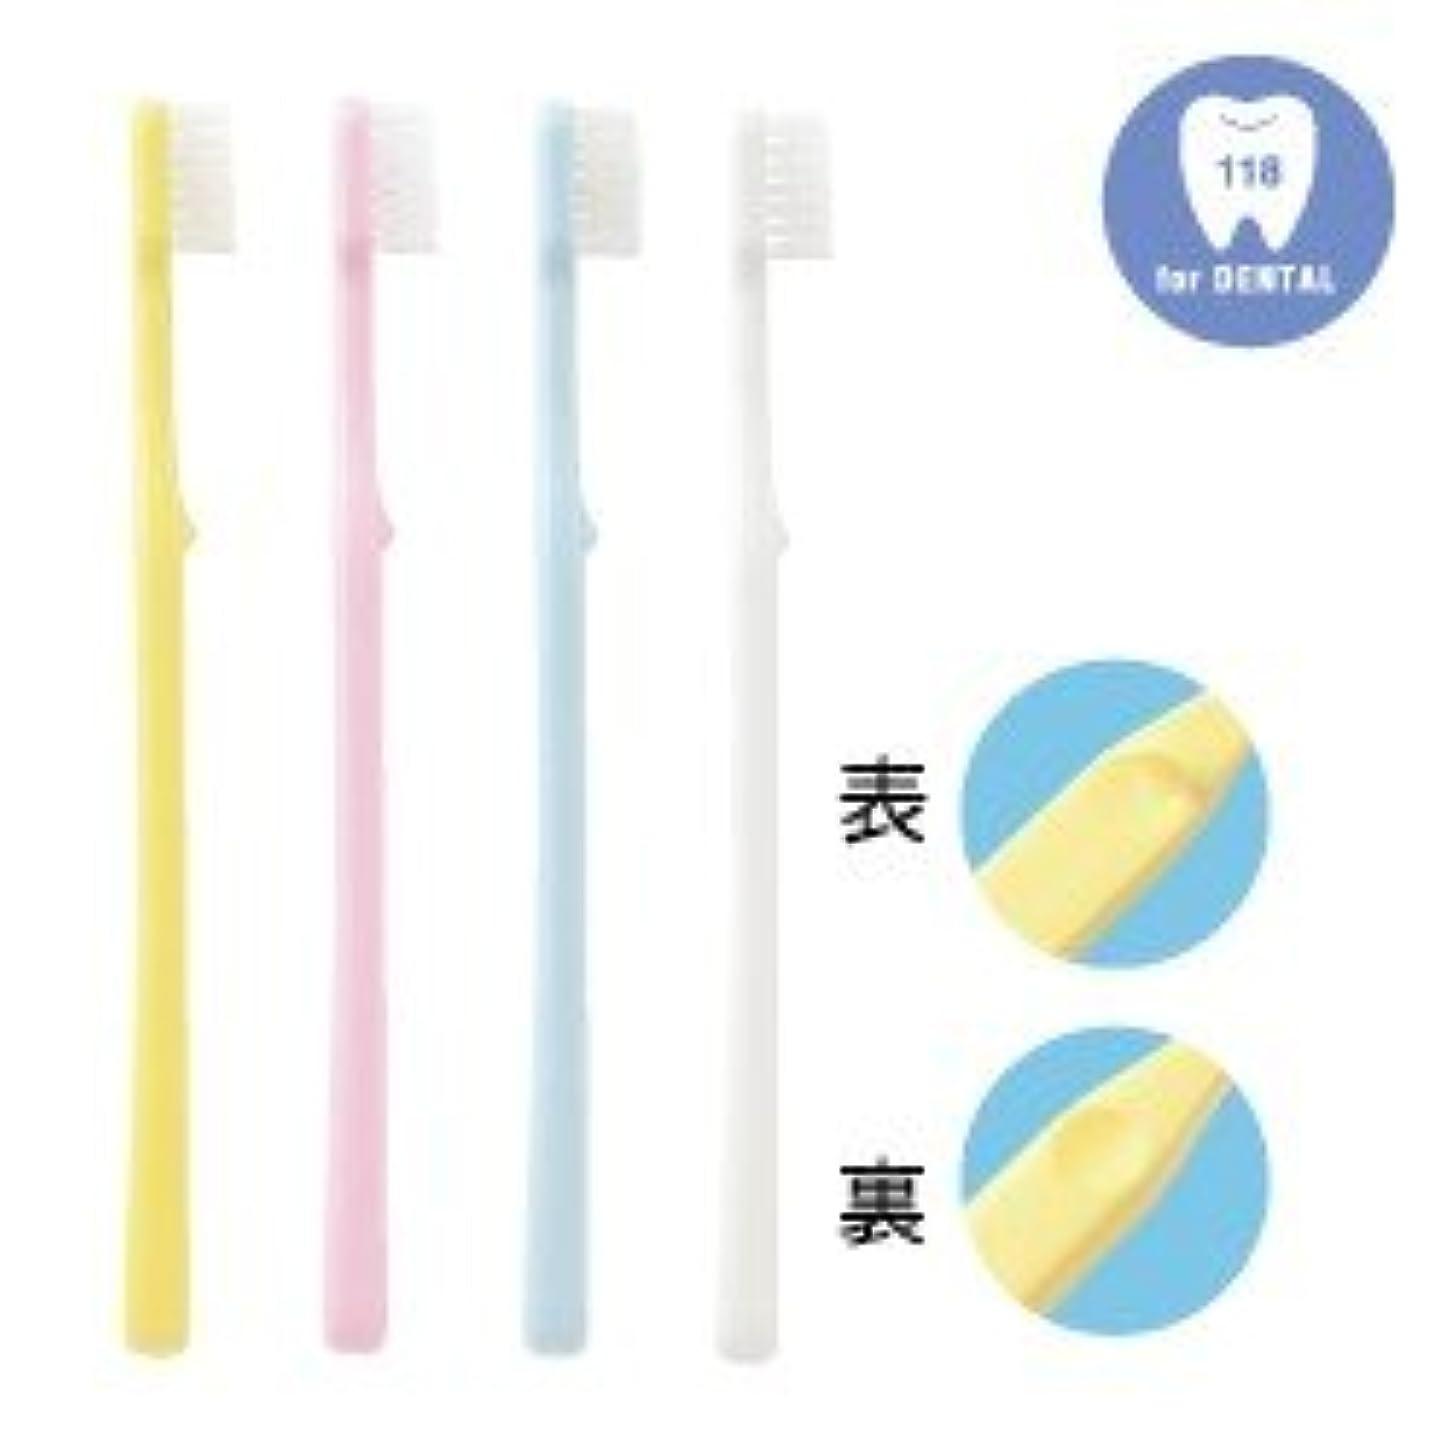 元気浮浪者警戒歯科専用歯ブラシ フォーカス 子供用 118シリーズ M(ふつう) 20本